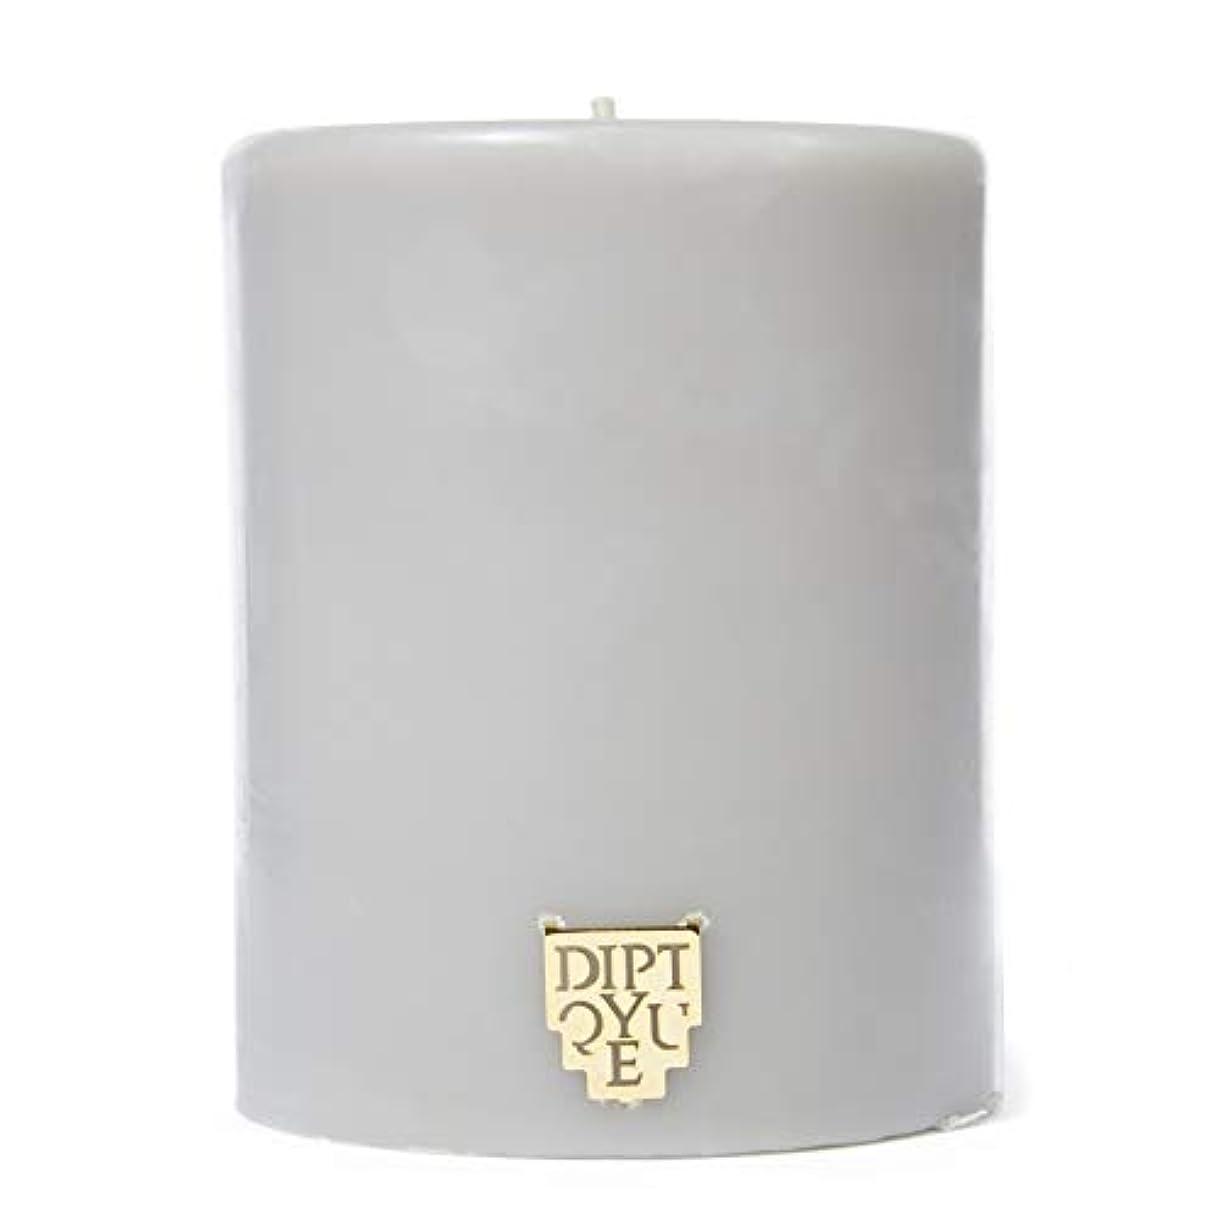 屈辱するミケランジェロもちろん[Diptyque] DiptyqueのFeuデボワピラーキャンドル450グラム - Diptyque Feu De Bois Pillar Candle 450g [並行輸入品]